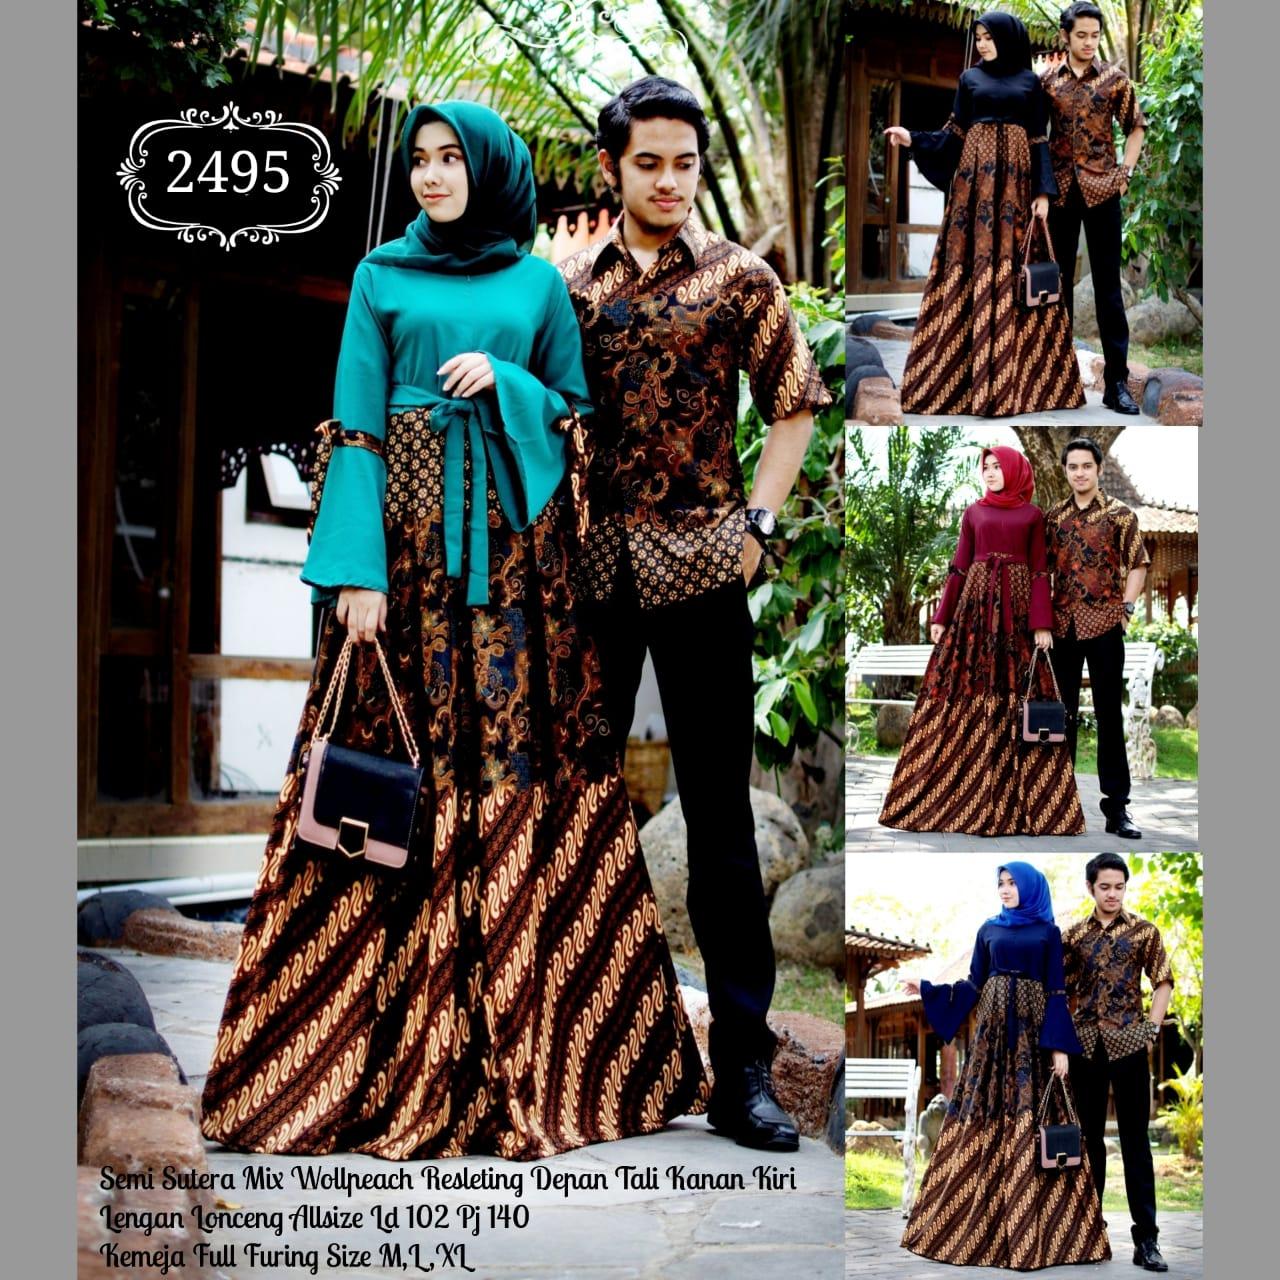 Baju Batik Couple Model Gamis Semi Sutera Mix Wollpeach Lengan